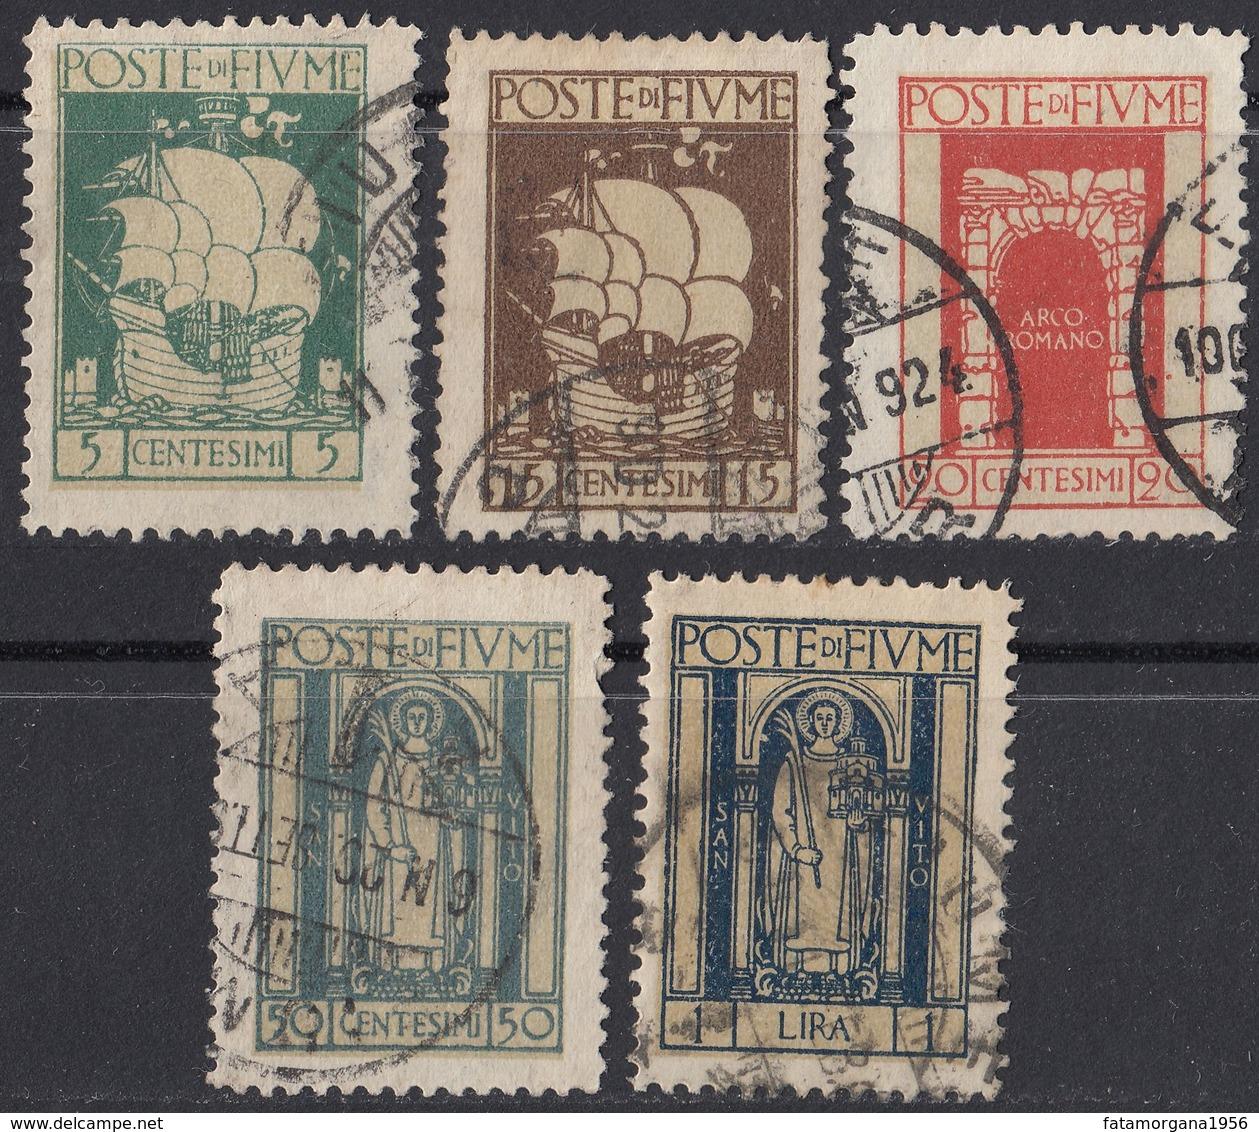 FIUME - 1923 - Lotto Di 5 Valori Usati: Yvert: 170, 172, 173, 176 E 178. - 8. WW I Occupation